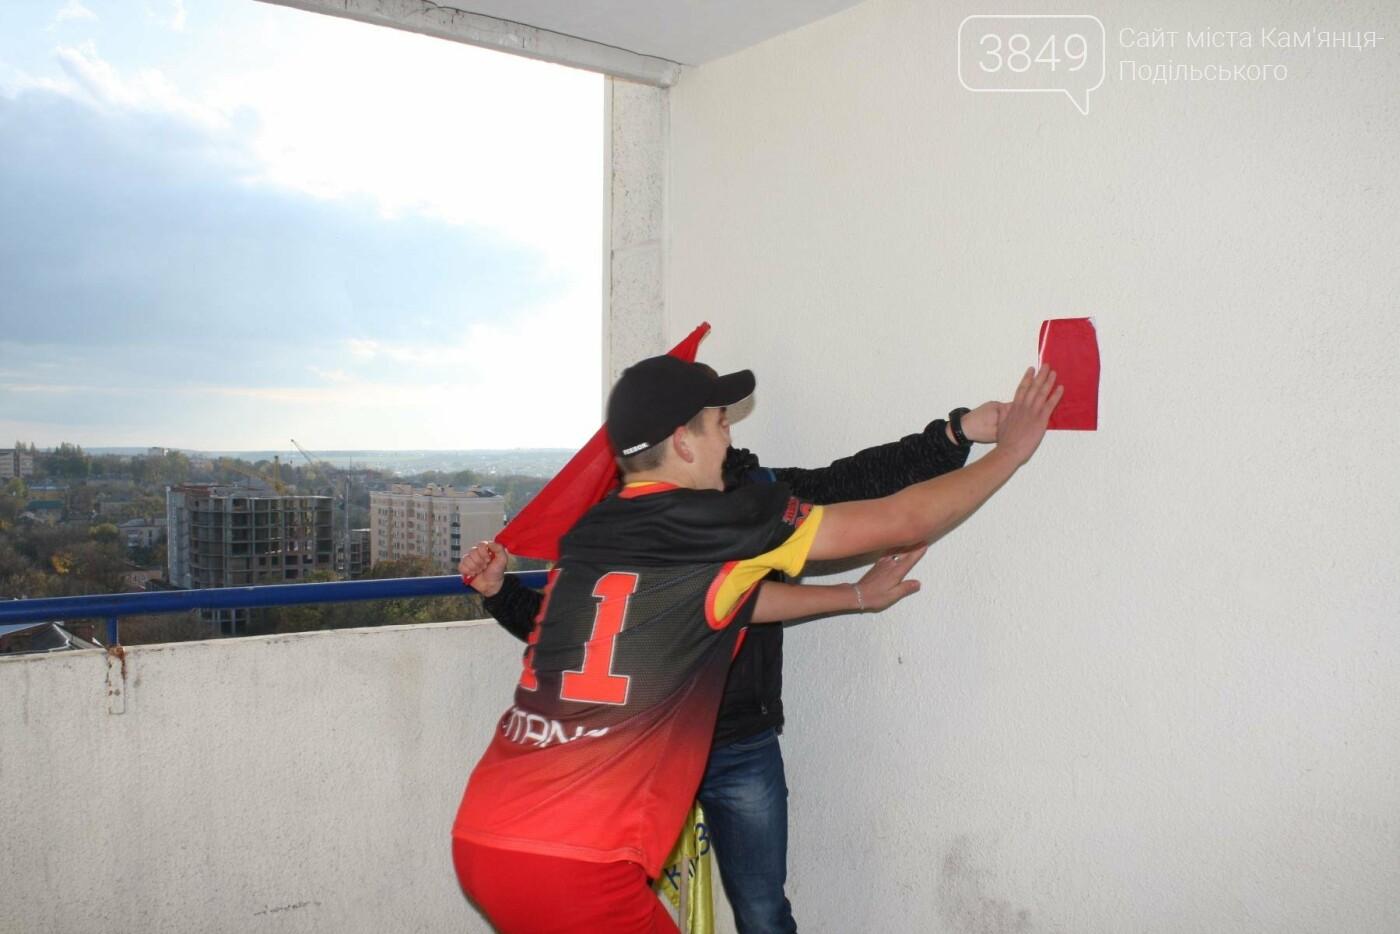 Кам'янецькі студенти підкорювали 12 поверхів, 216 сходинок найвищої будівлі міста, фото-18